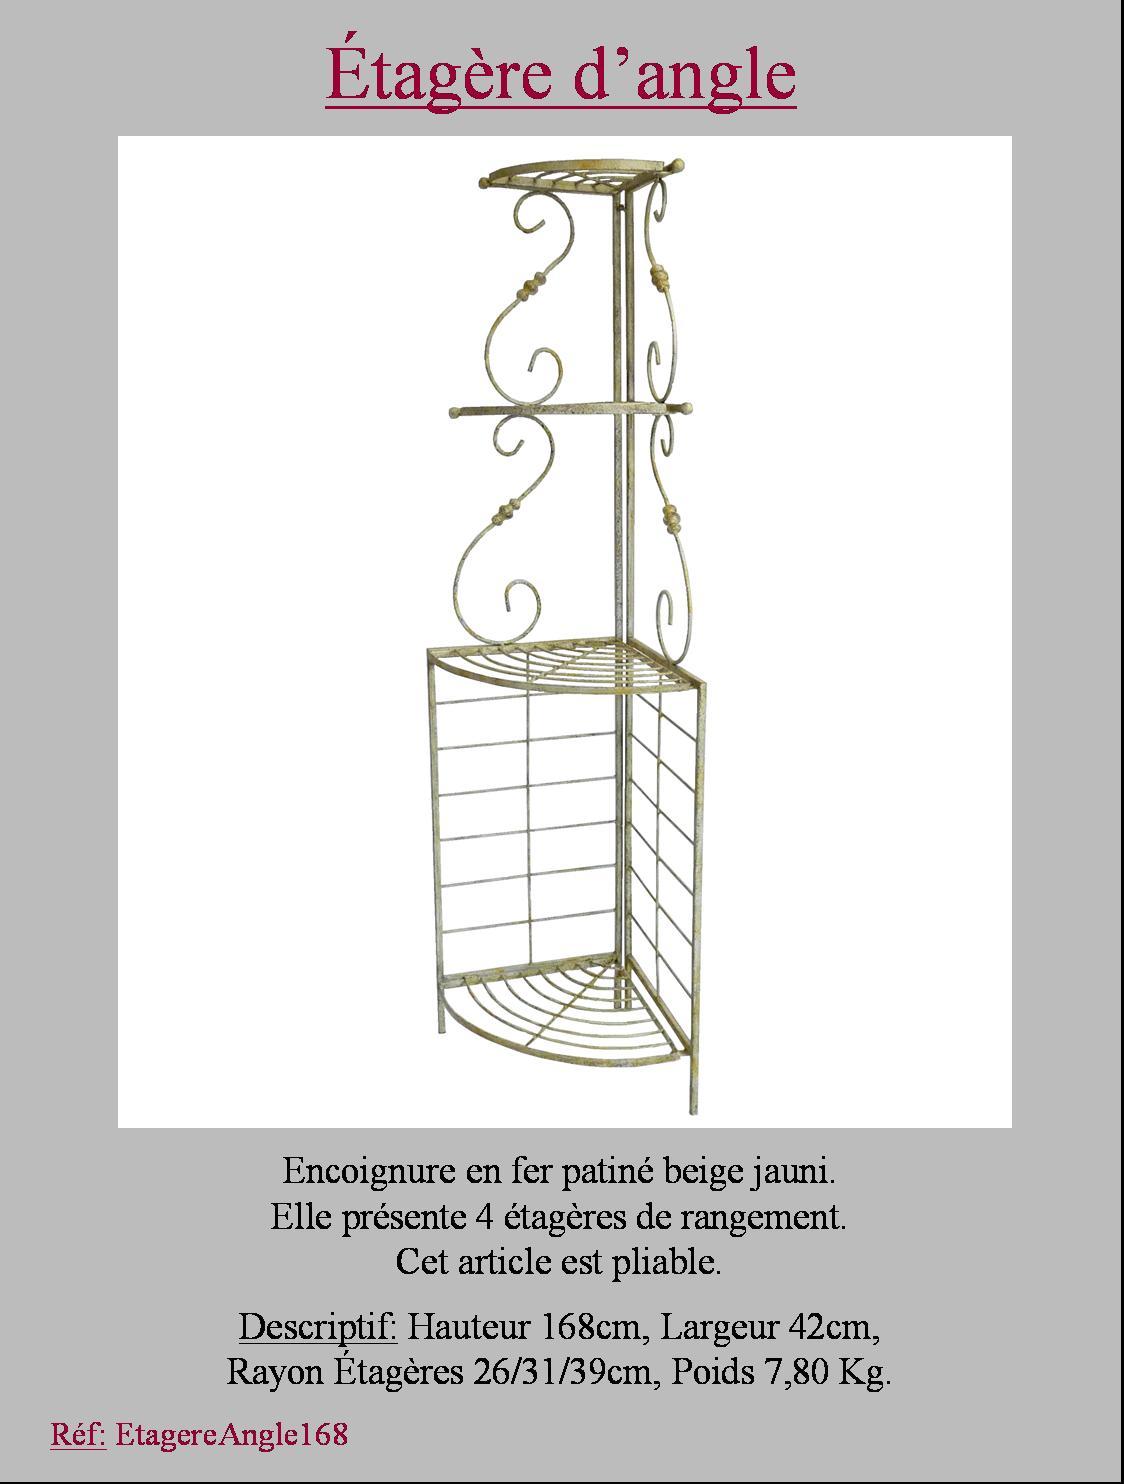 style ancienne etagere boulangere d angle de coin en fer de cuisine salon ebay. Black Bedroom Furniture Sets. Home Design Ideas